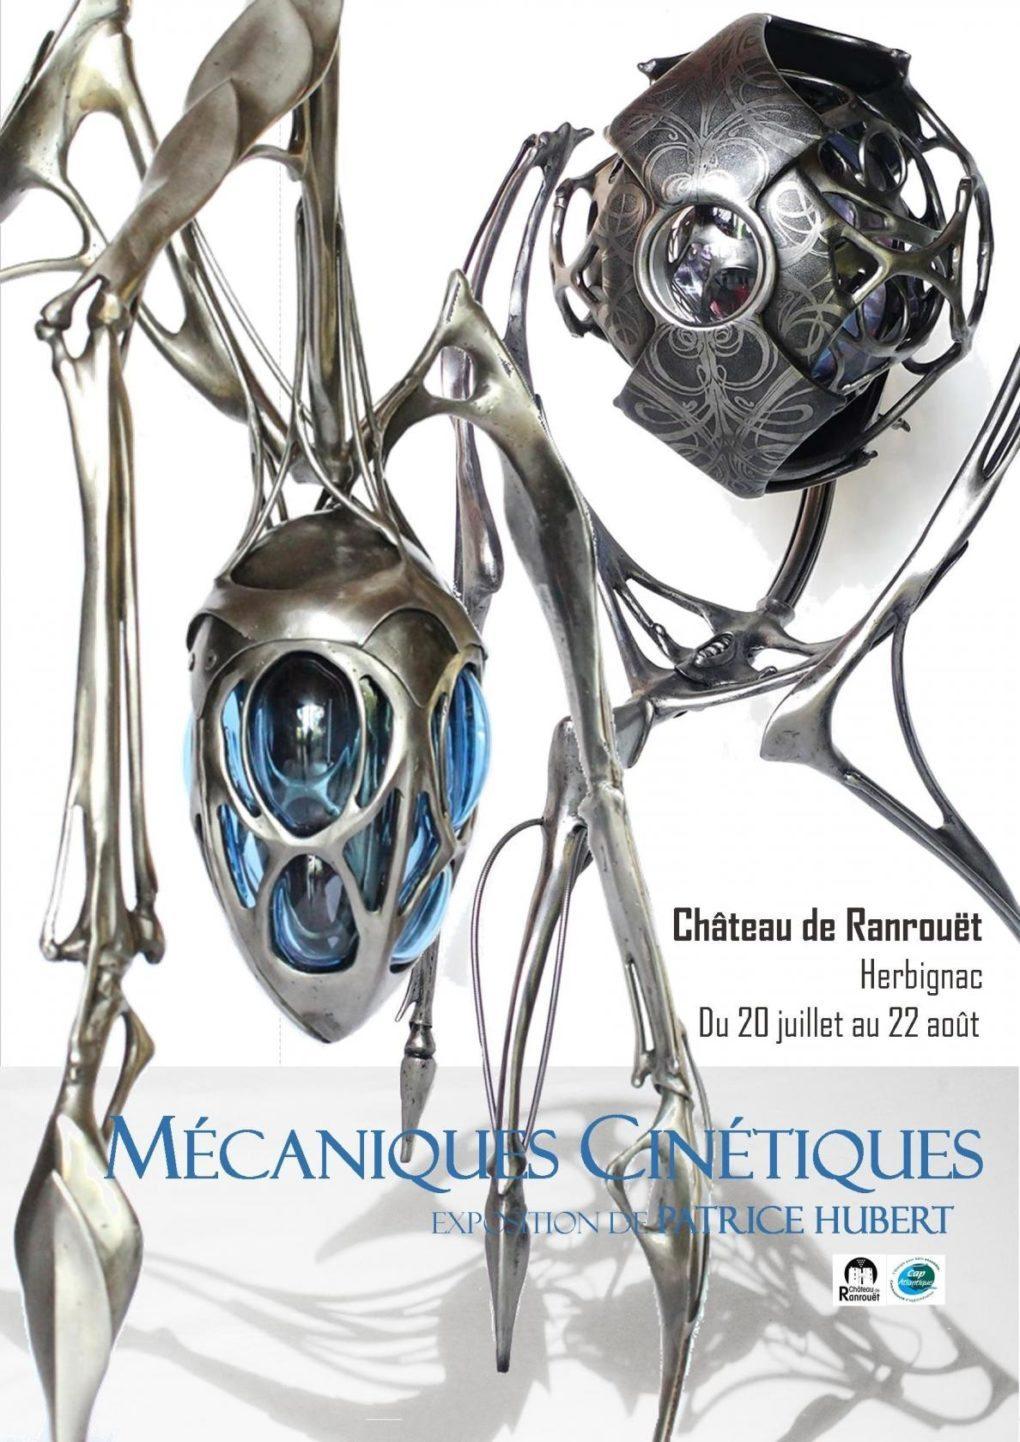 Les Mécaniques cinétiques de Patrice Hubert Herbignac